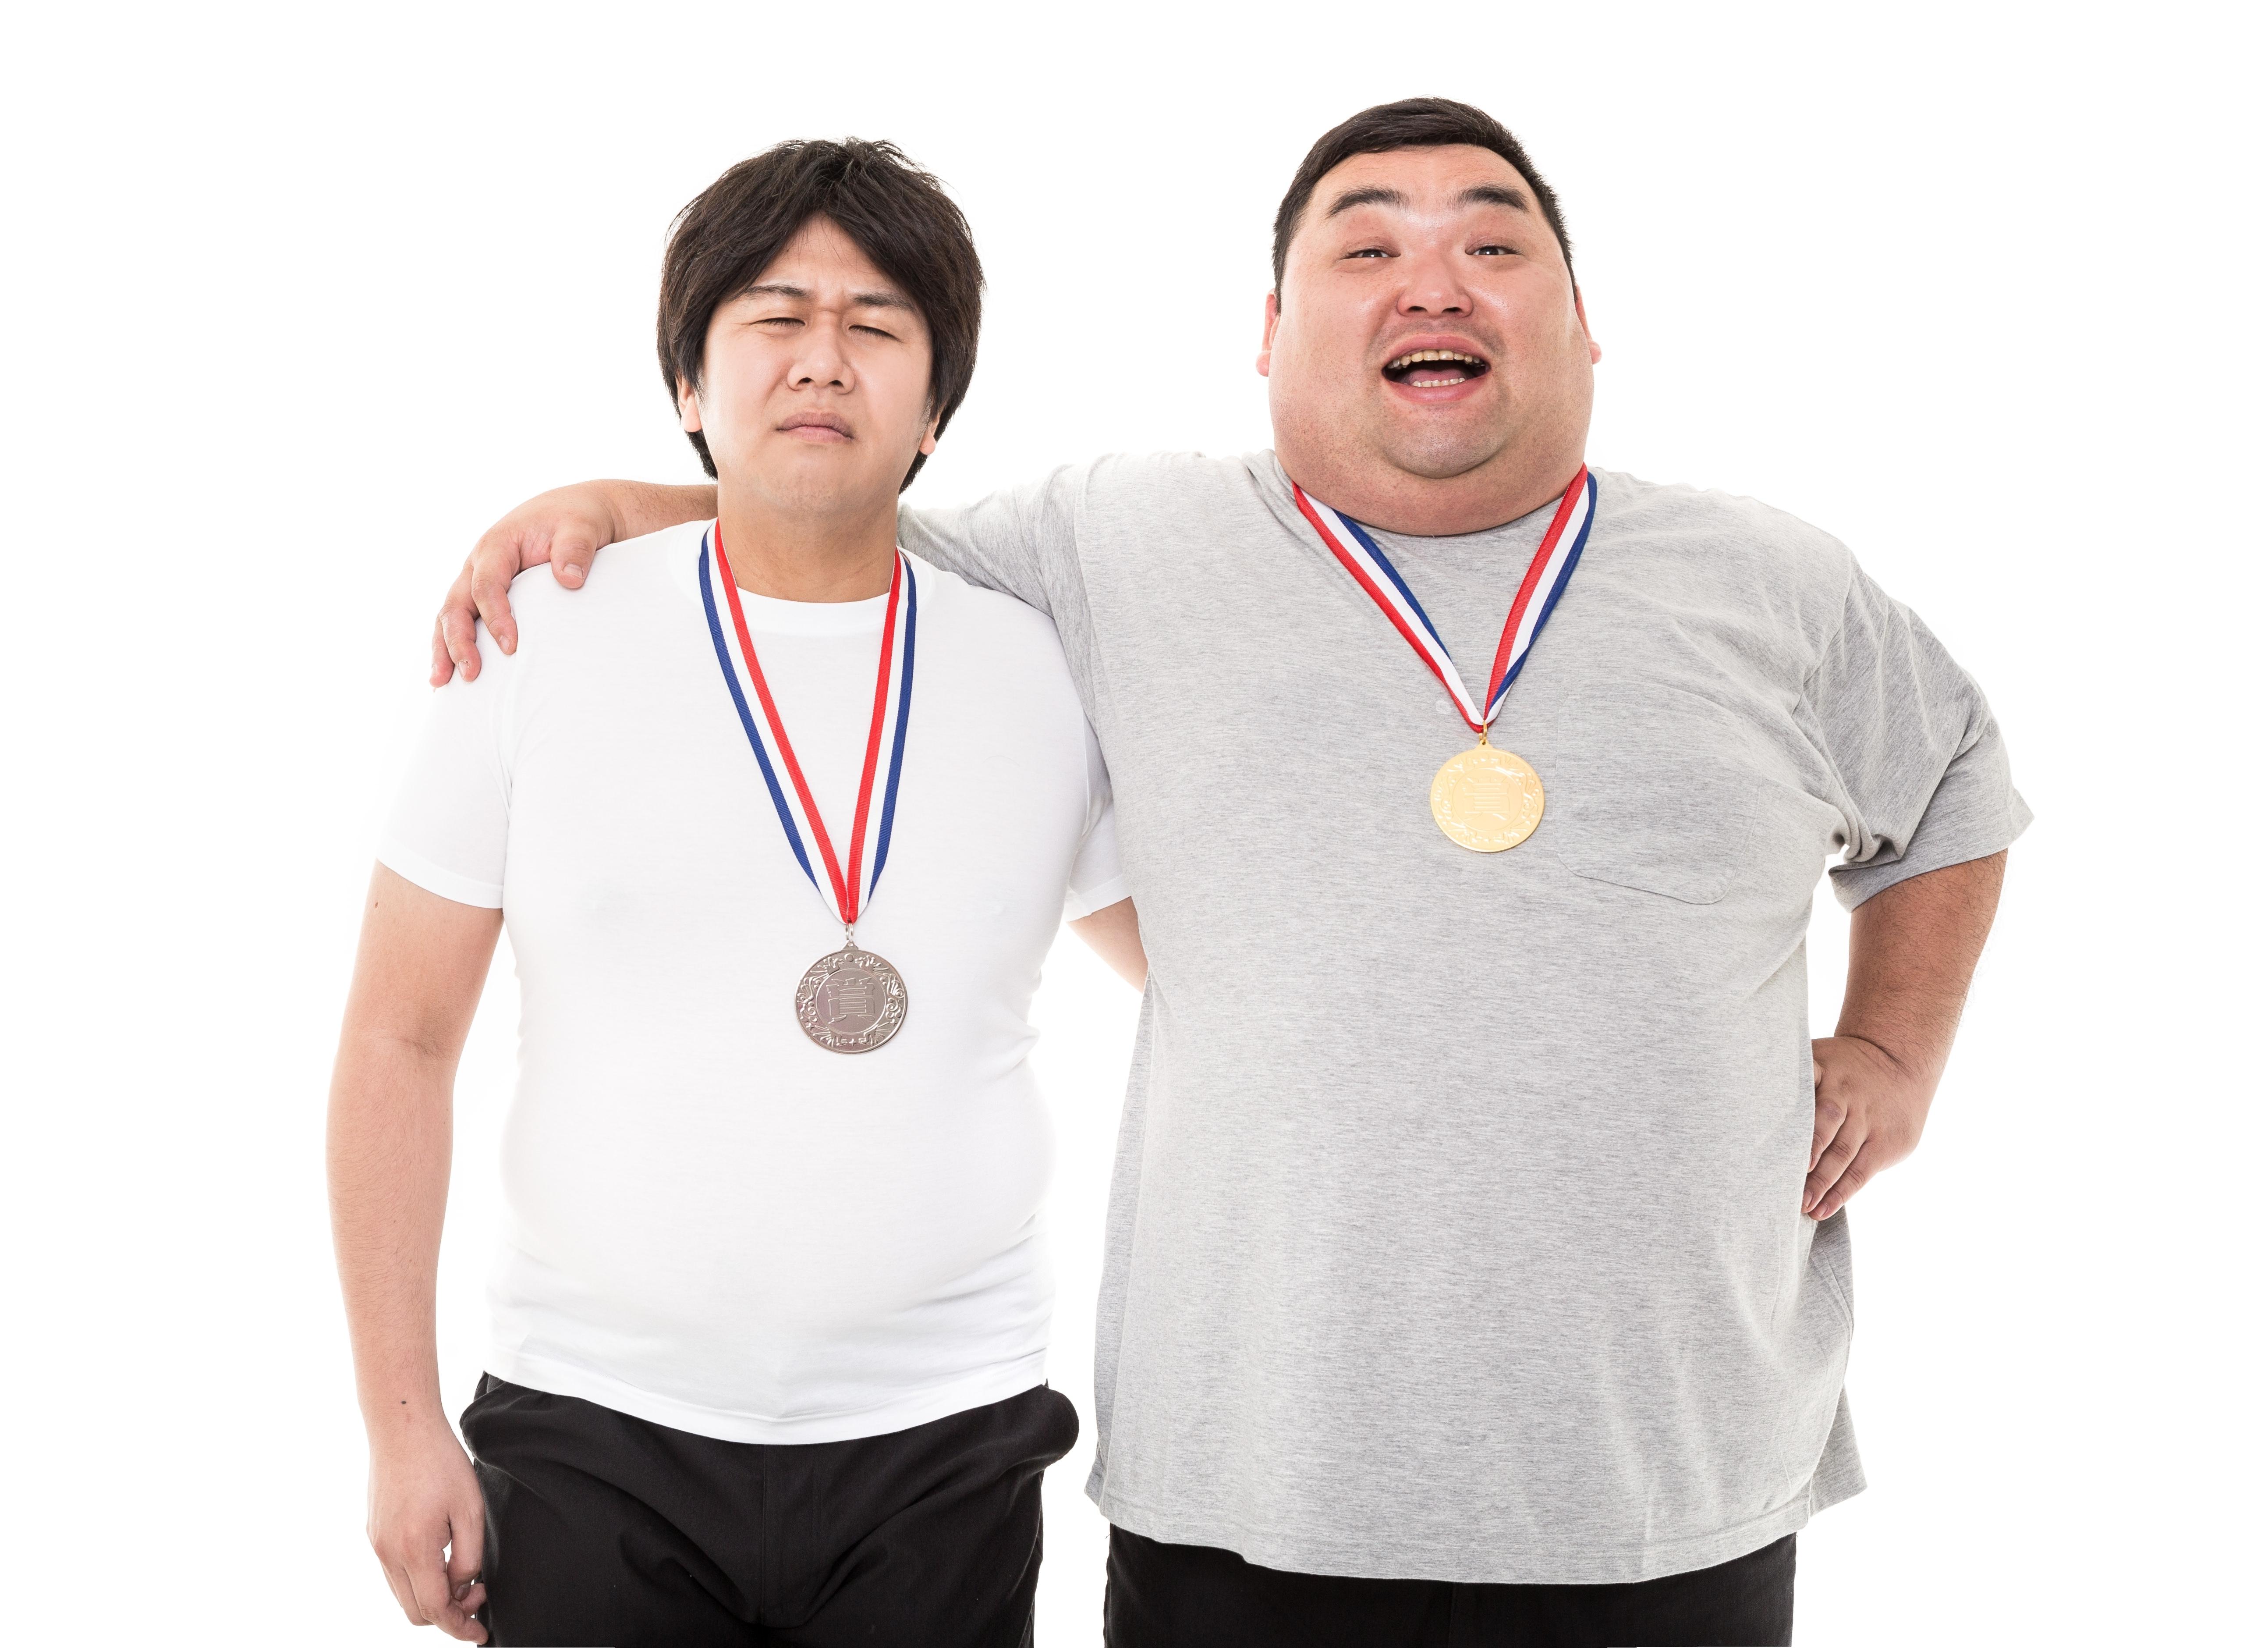 2020年の東京オリンピック会場に行くために今しておくべきこと